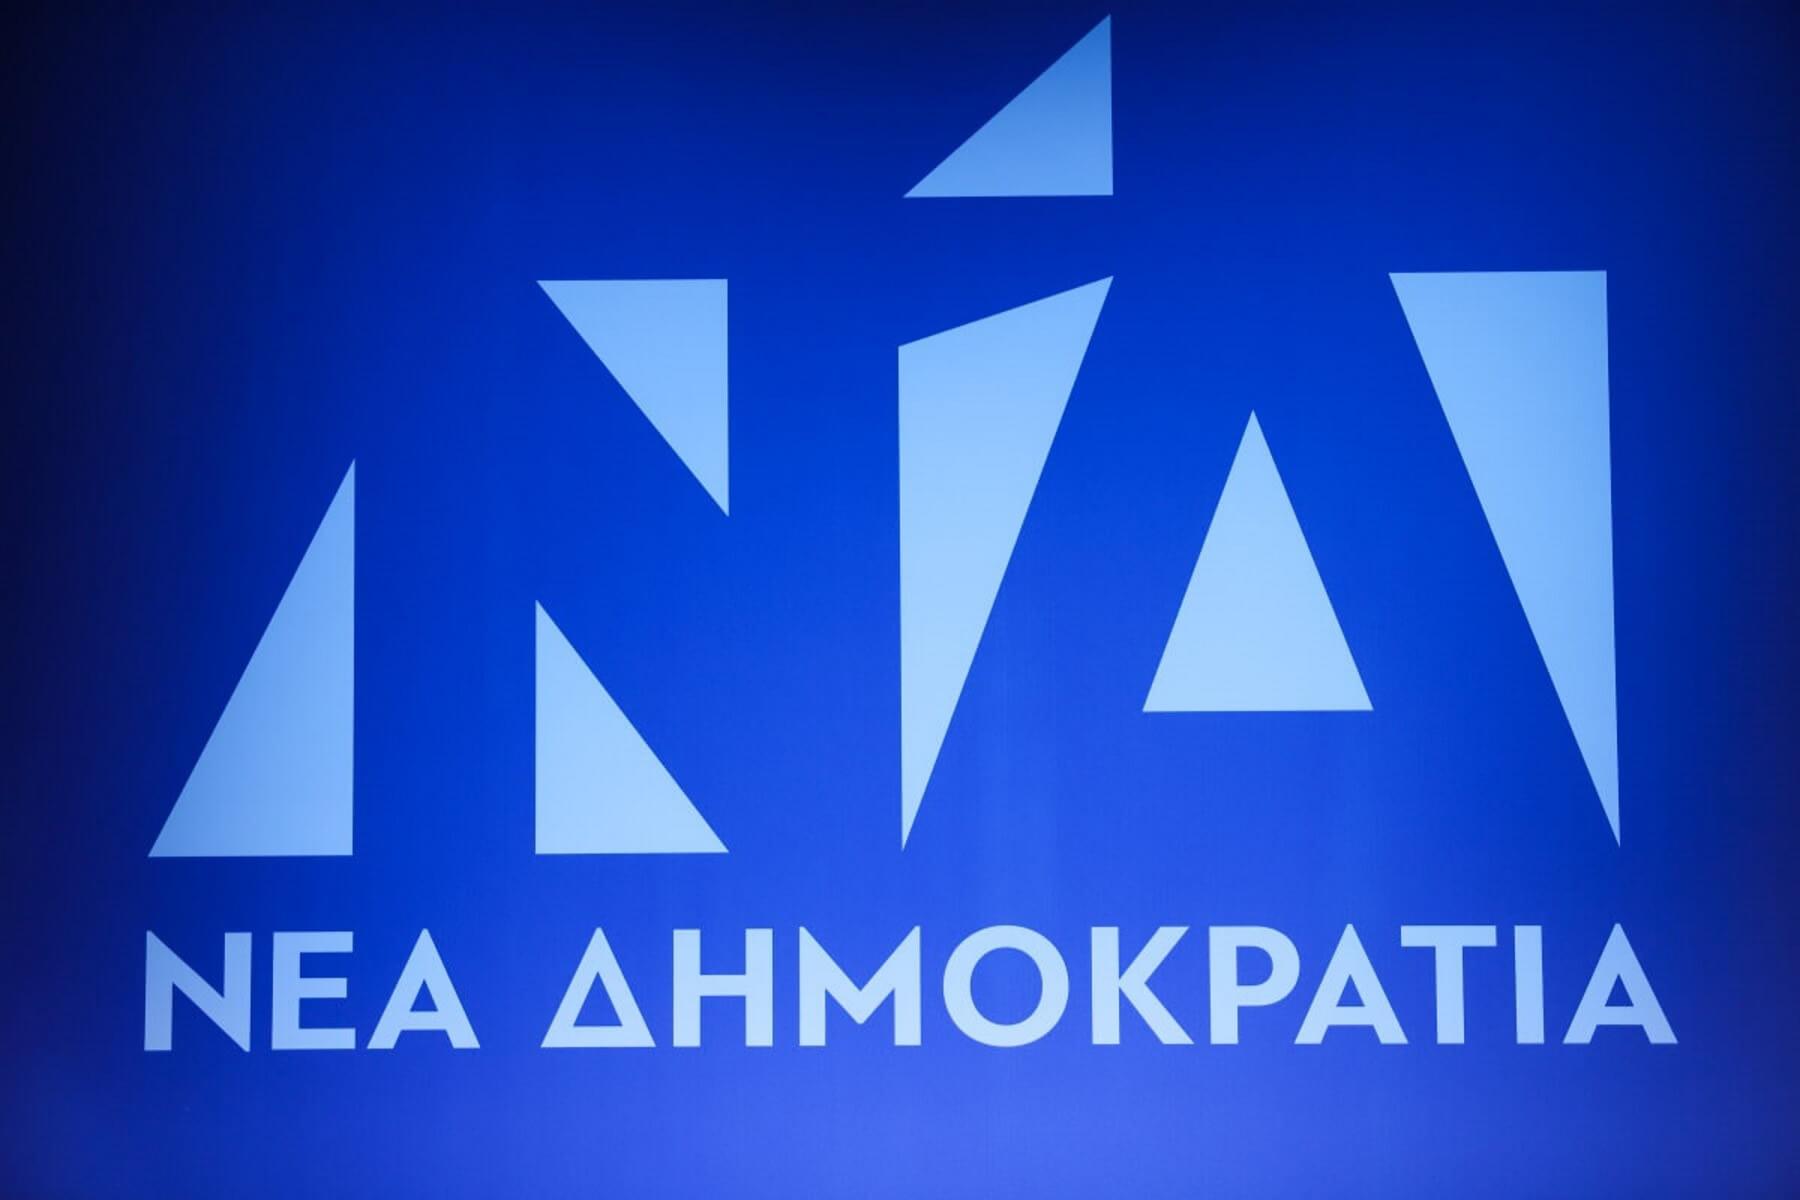 ΝΔ για την επίθεση στο σπίτι του Πάιτ: «Η ανοχή είναι συνενοχή κύριε Τσίπρα